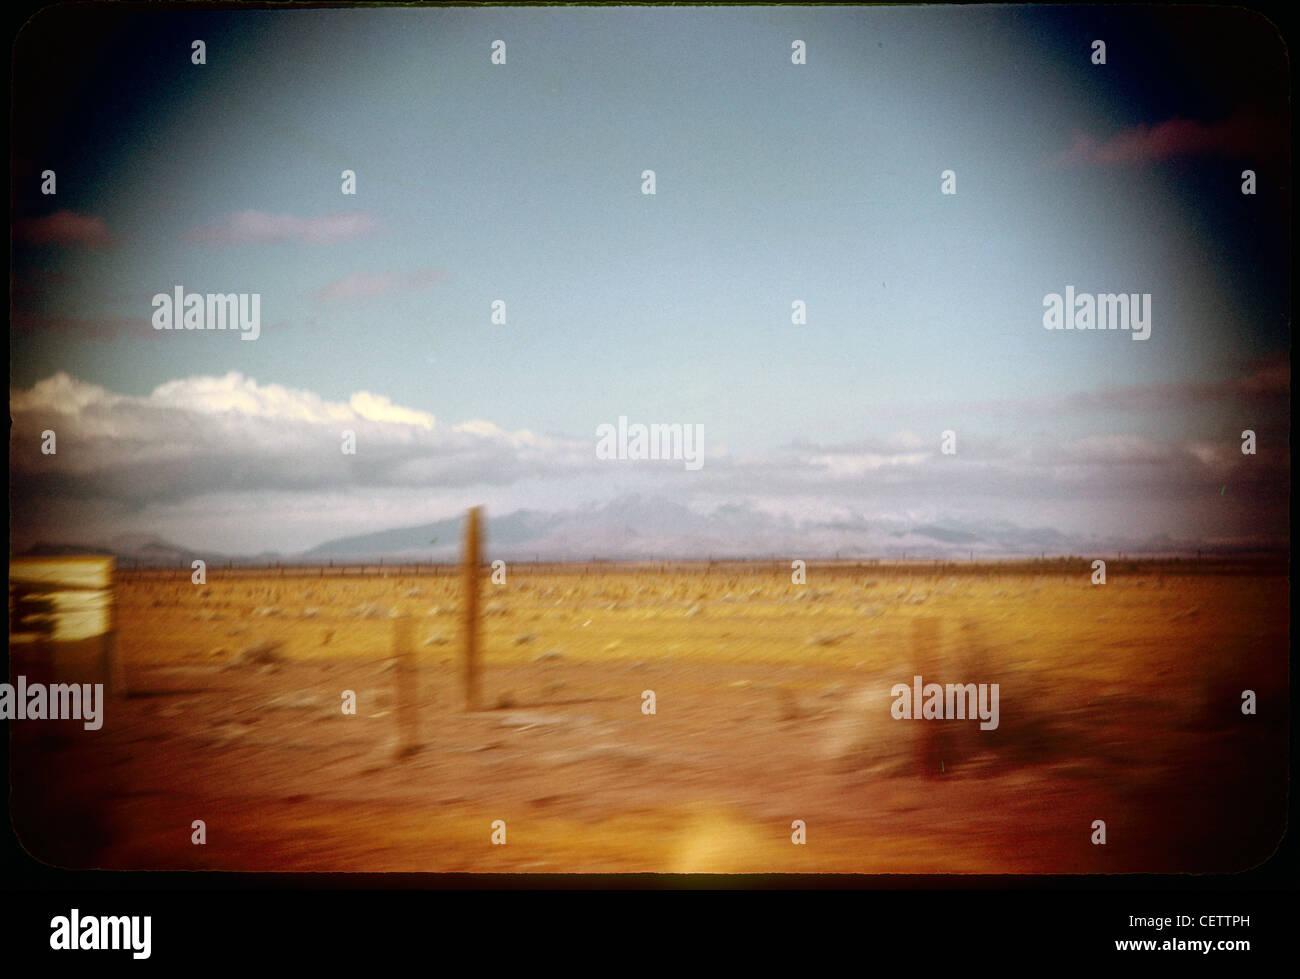 Vista de West Texas paisaje árido seco durante 1965 Road Trip 1960 desierto estadounidense Imagen De Stock